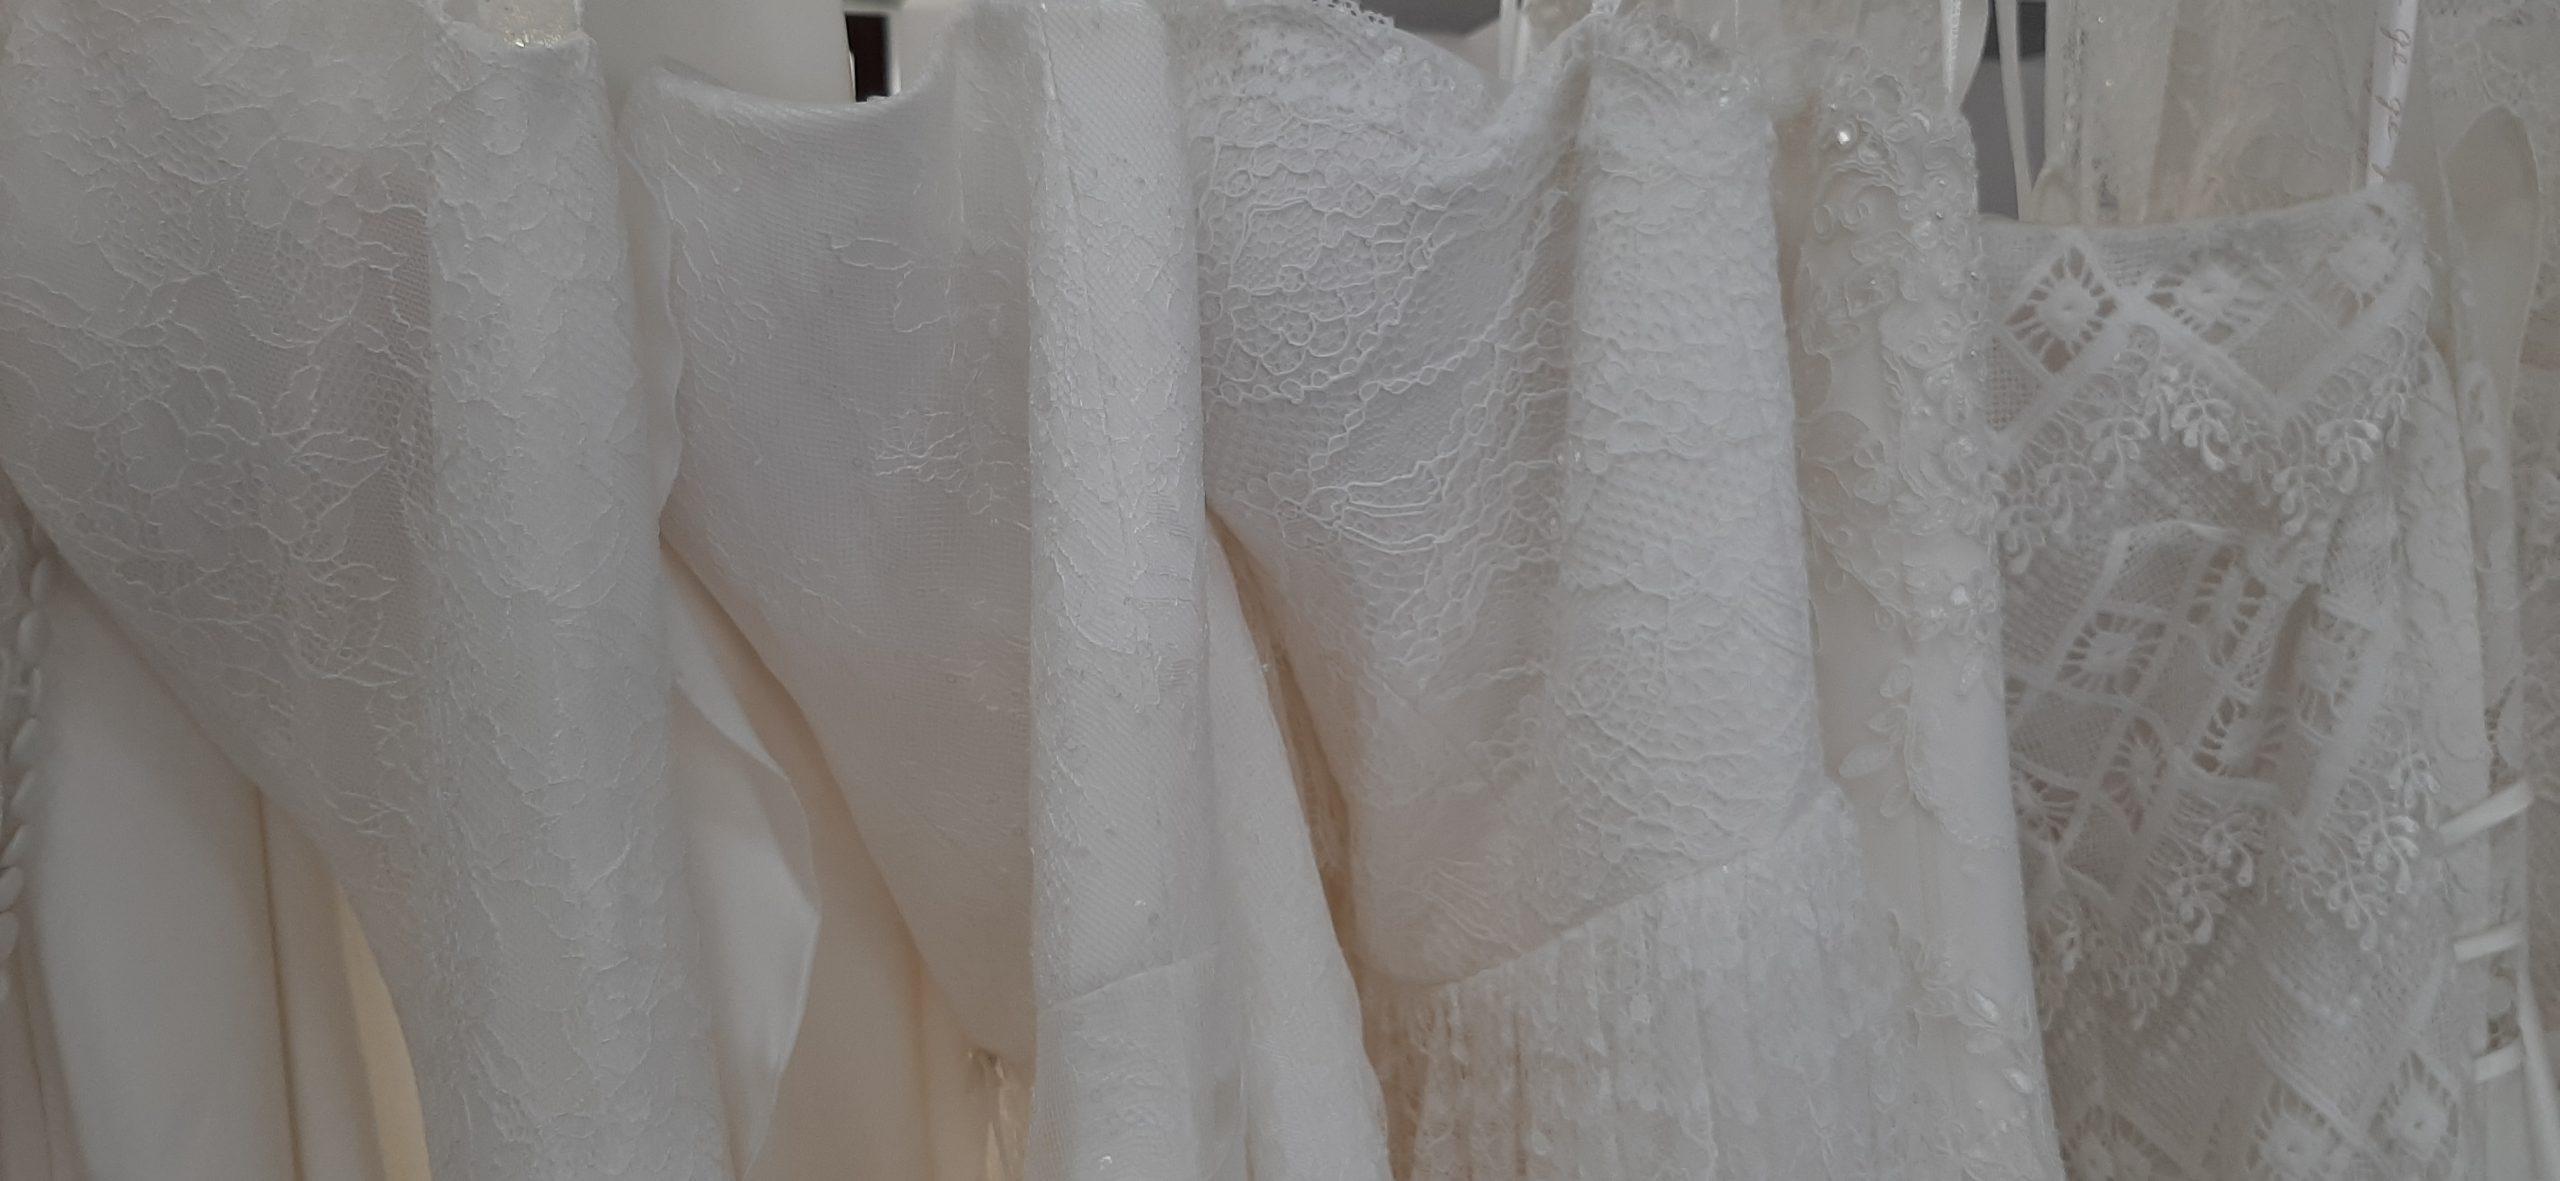 Spitze im Brautkleid welcher Typ bist du?